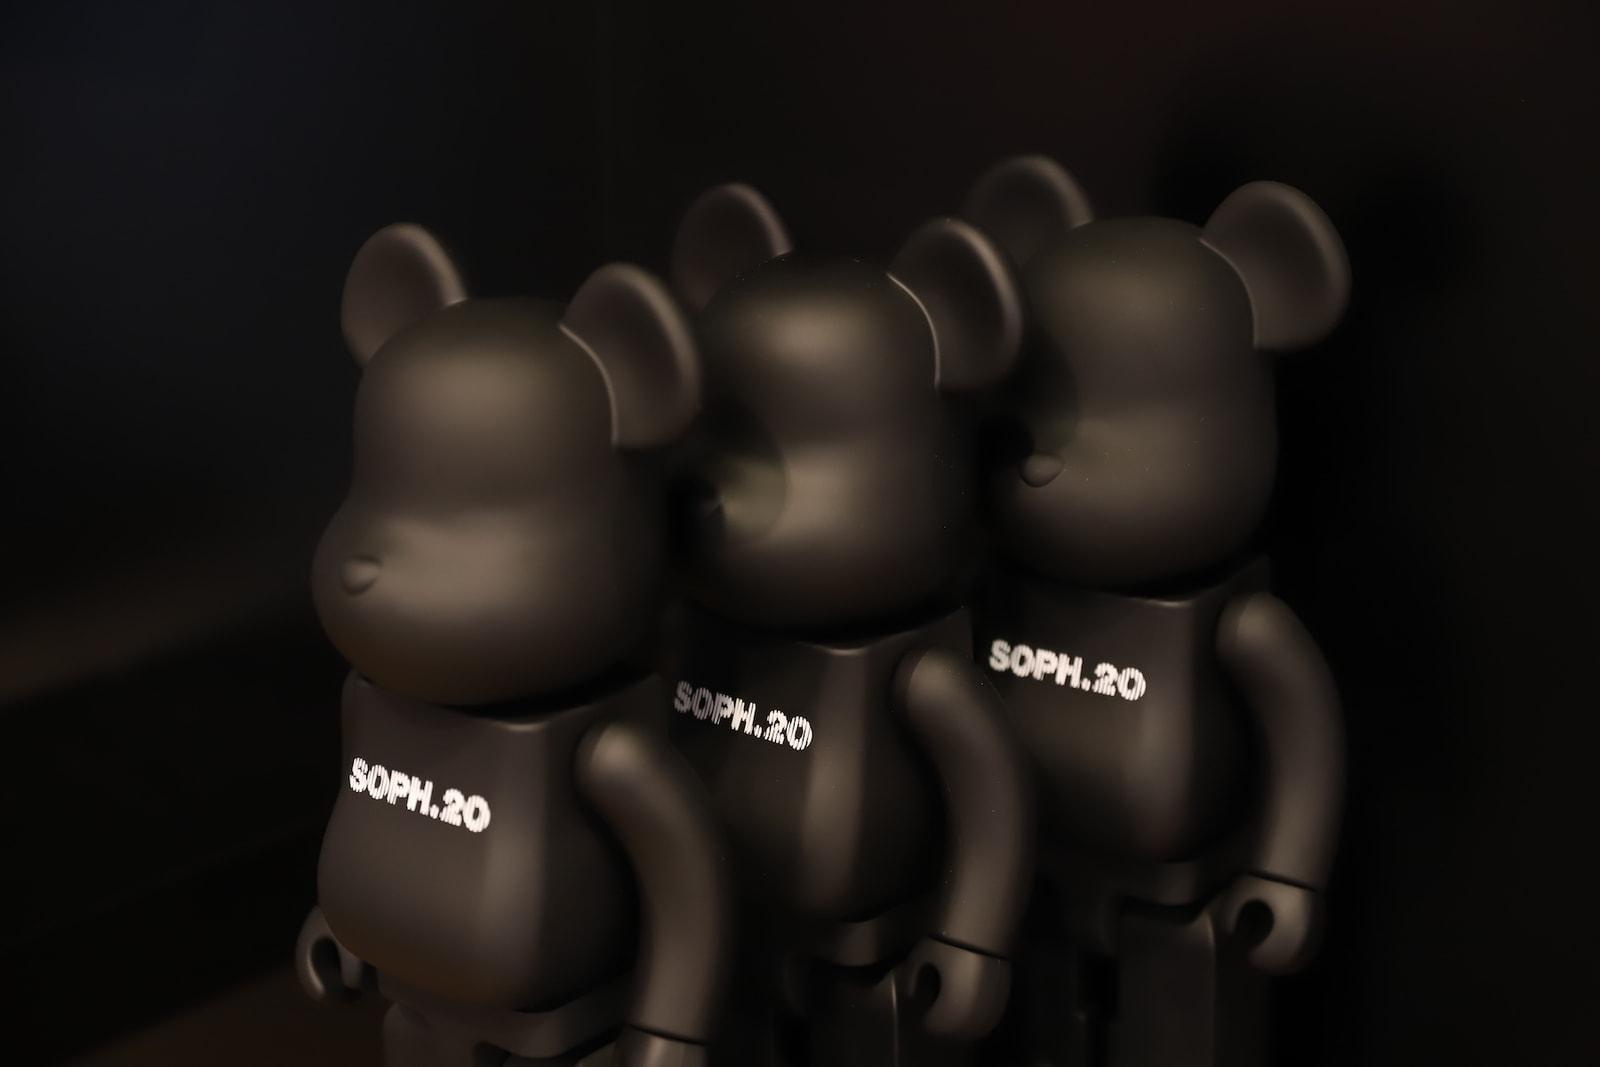 SOPHNET. 20 週年年期間限定「SOPH.20」系列登場